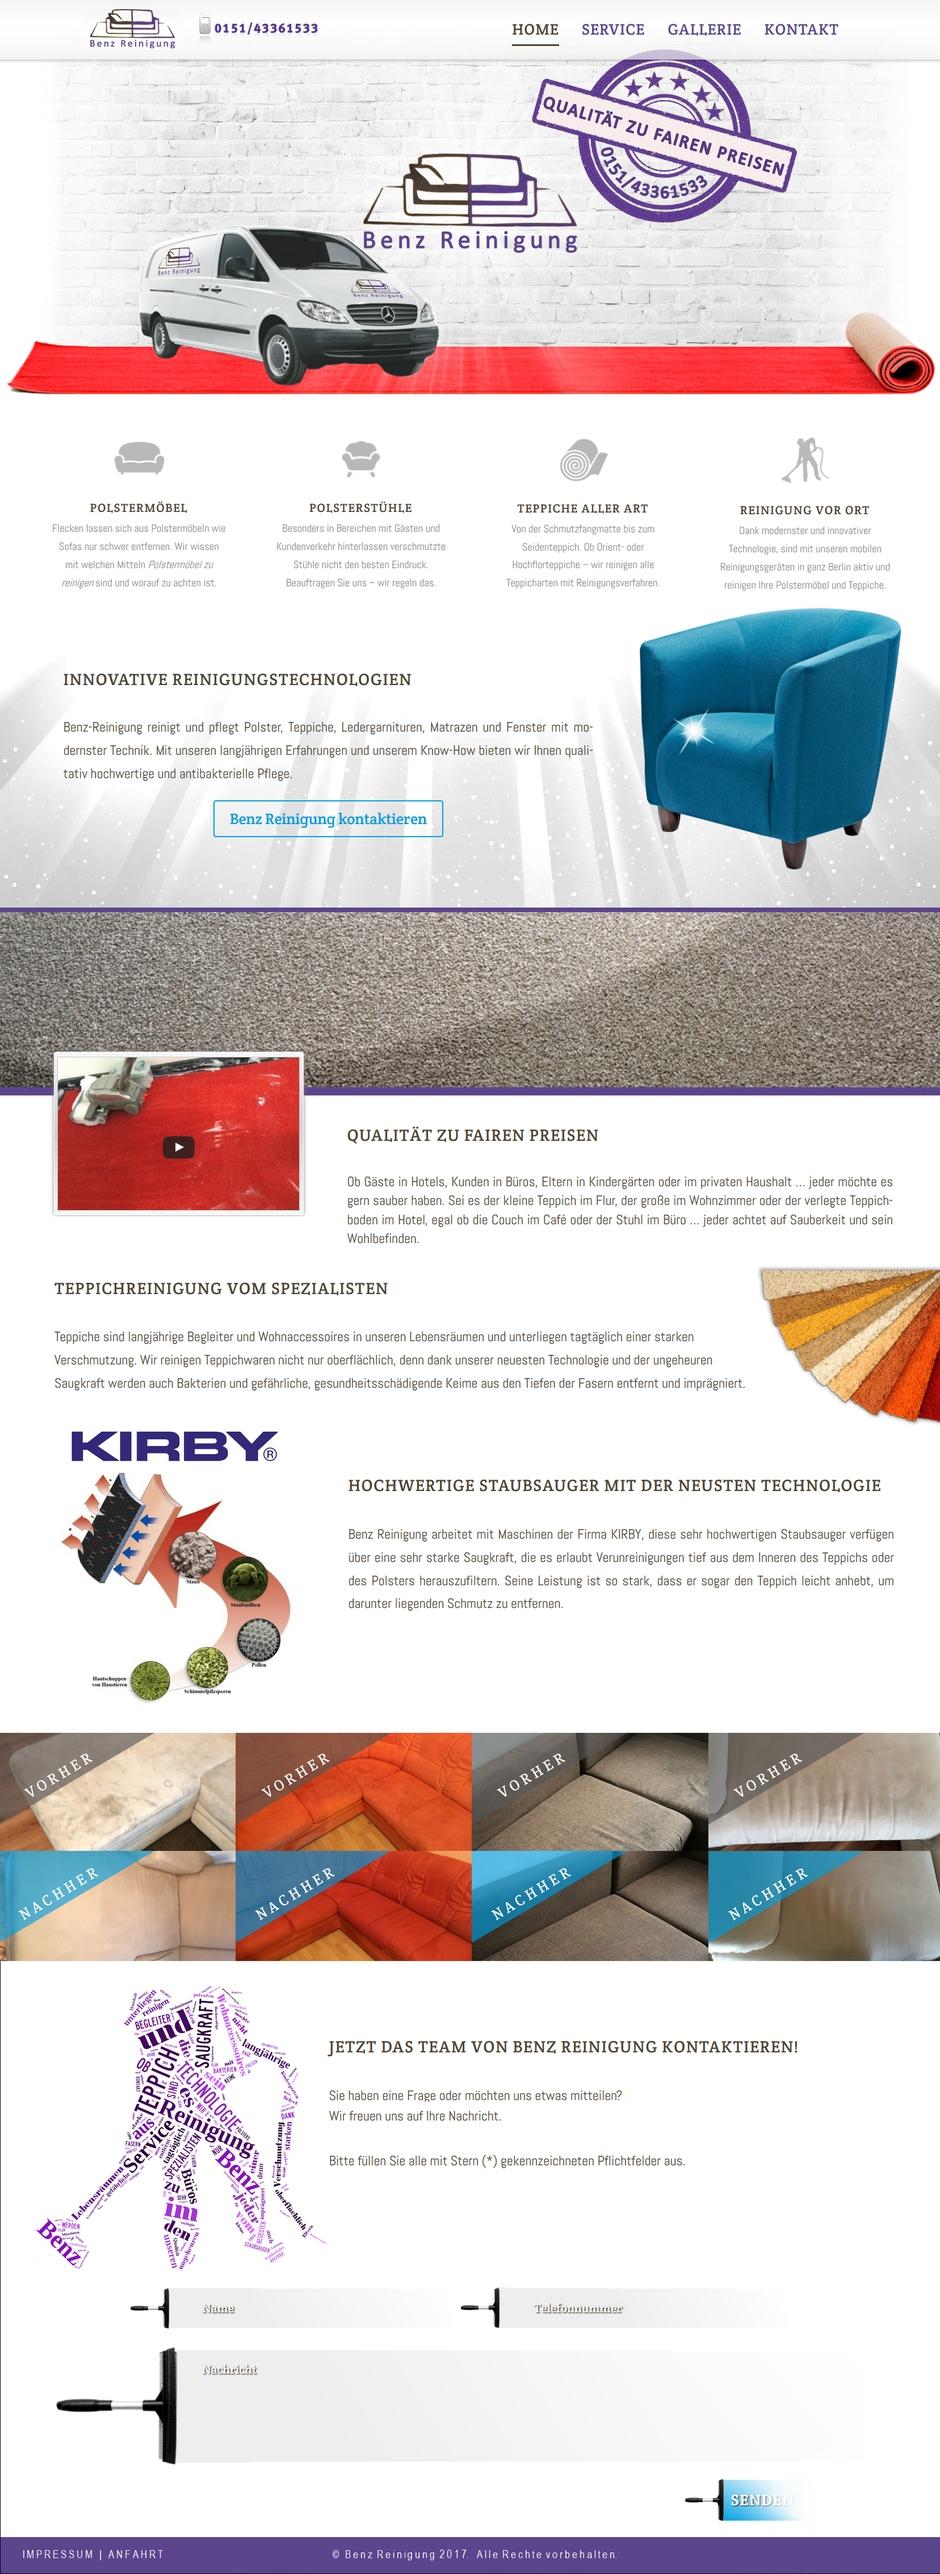 Homepage von Benz Reinigung